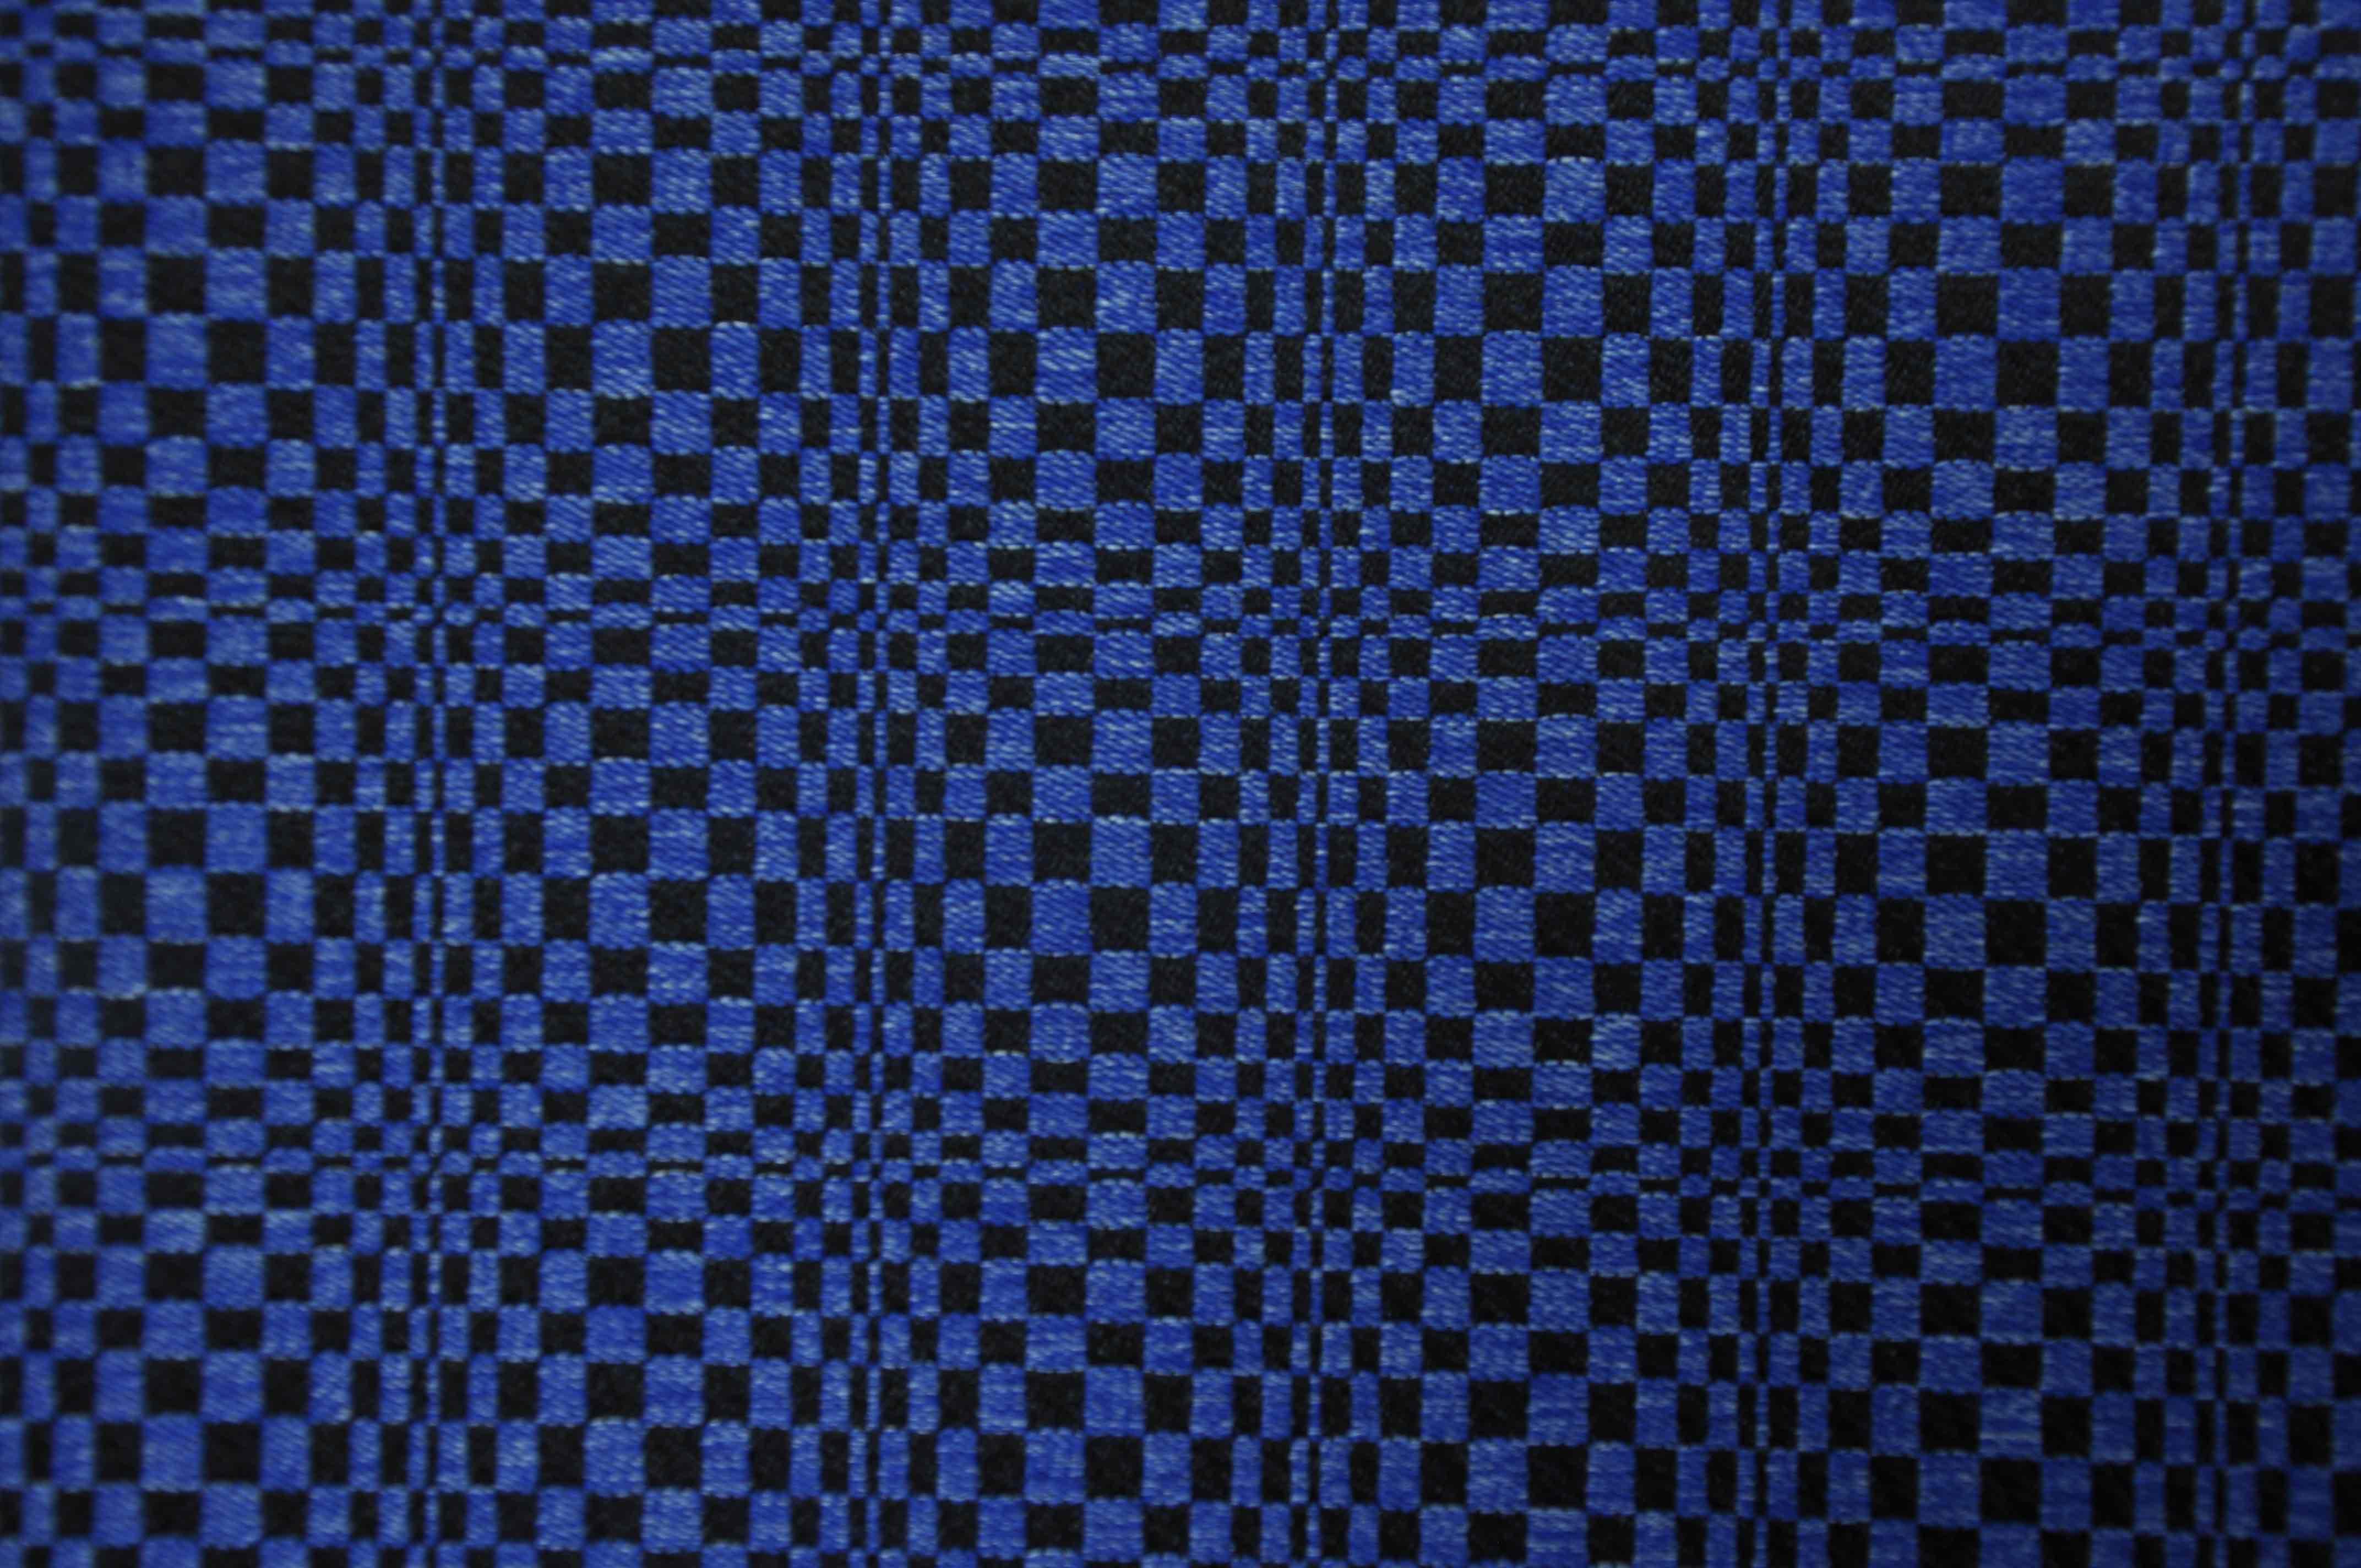 蓝彩变幻斑马纹DS8115提花面料